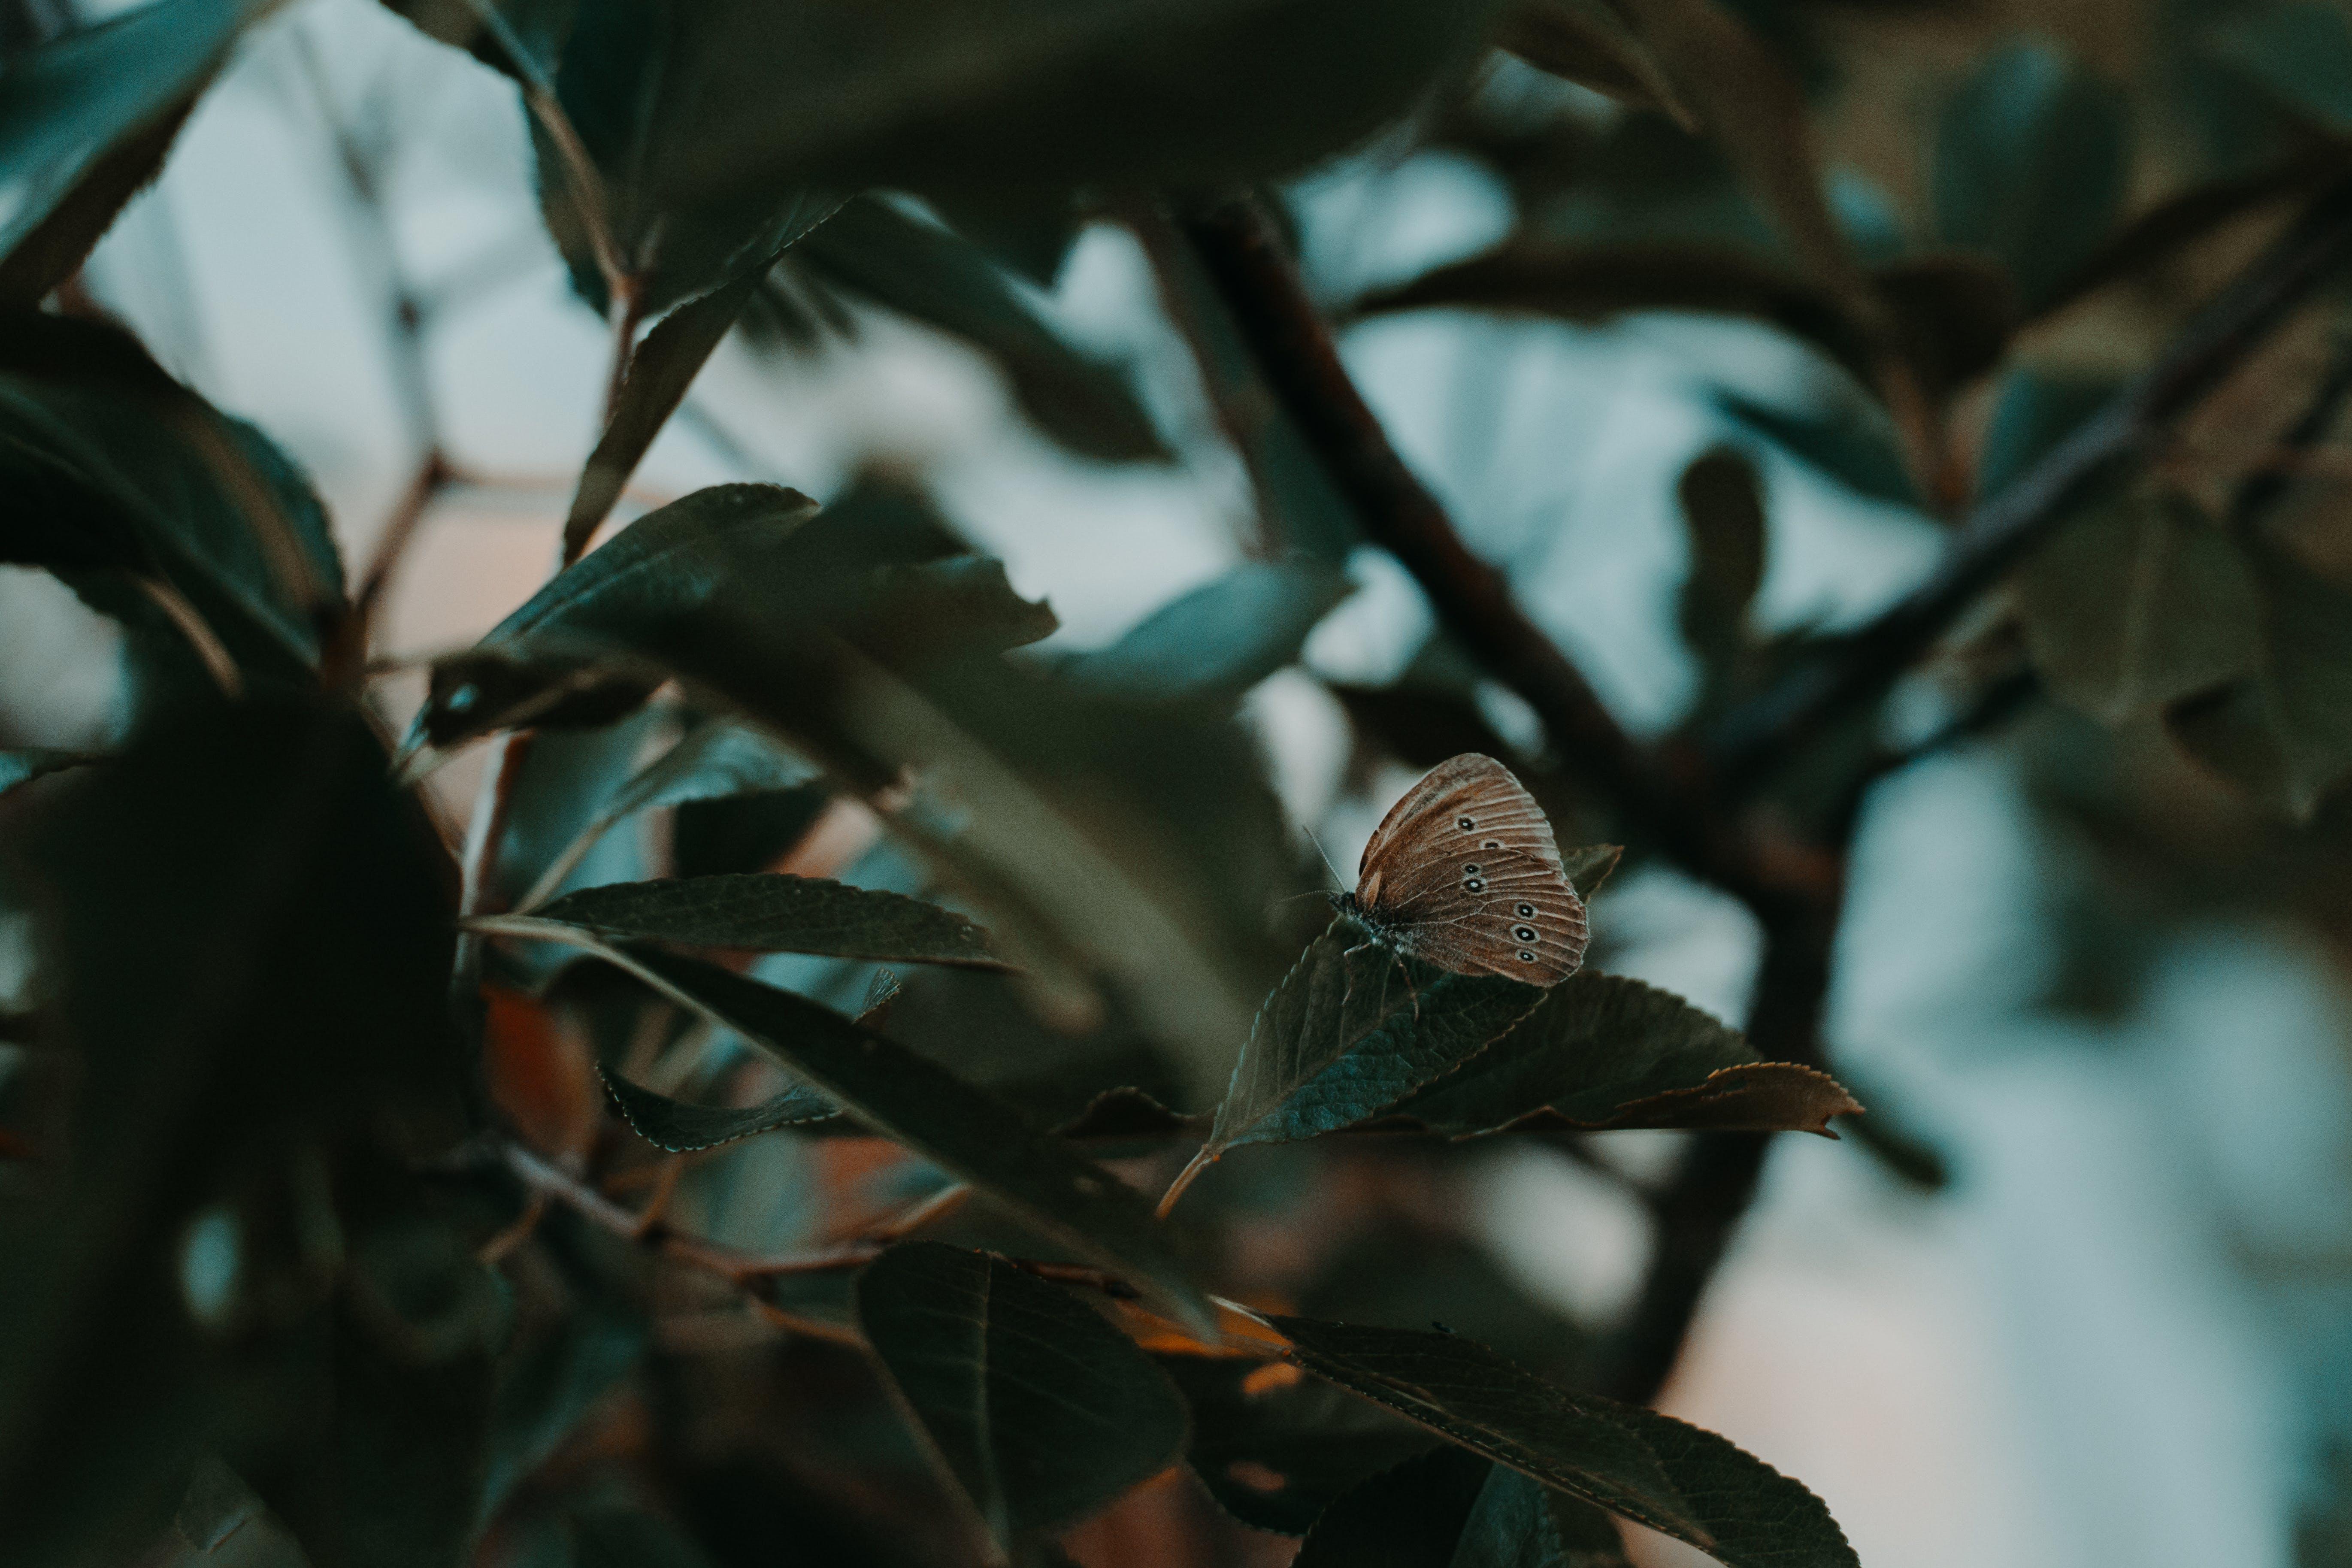 Fotos de stock gratuitas de árbol, bonito, color, efecto desenfocado